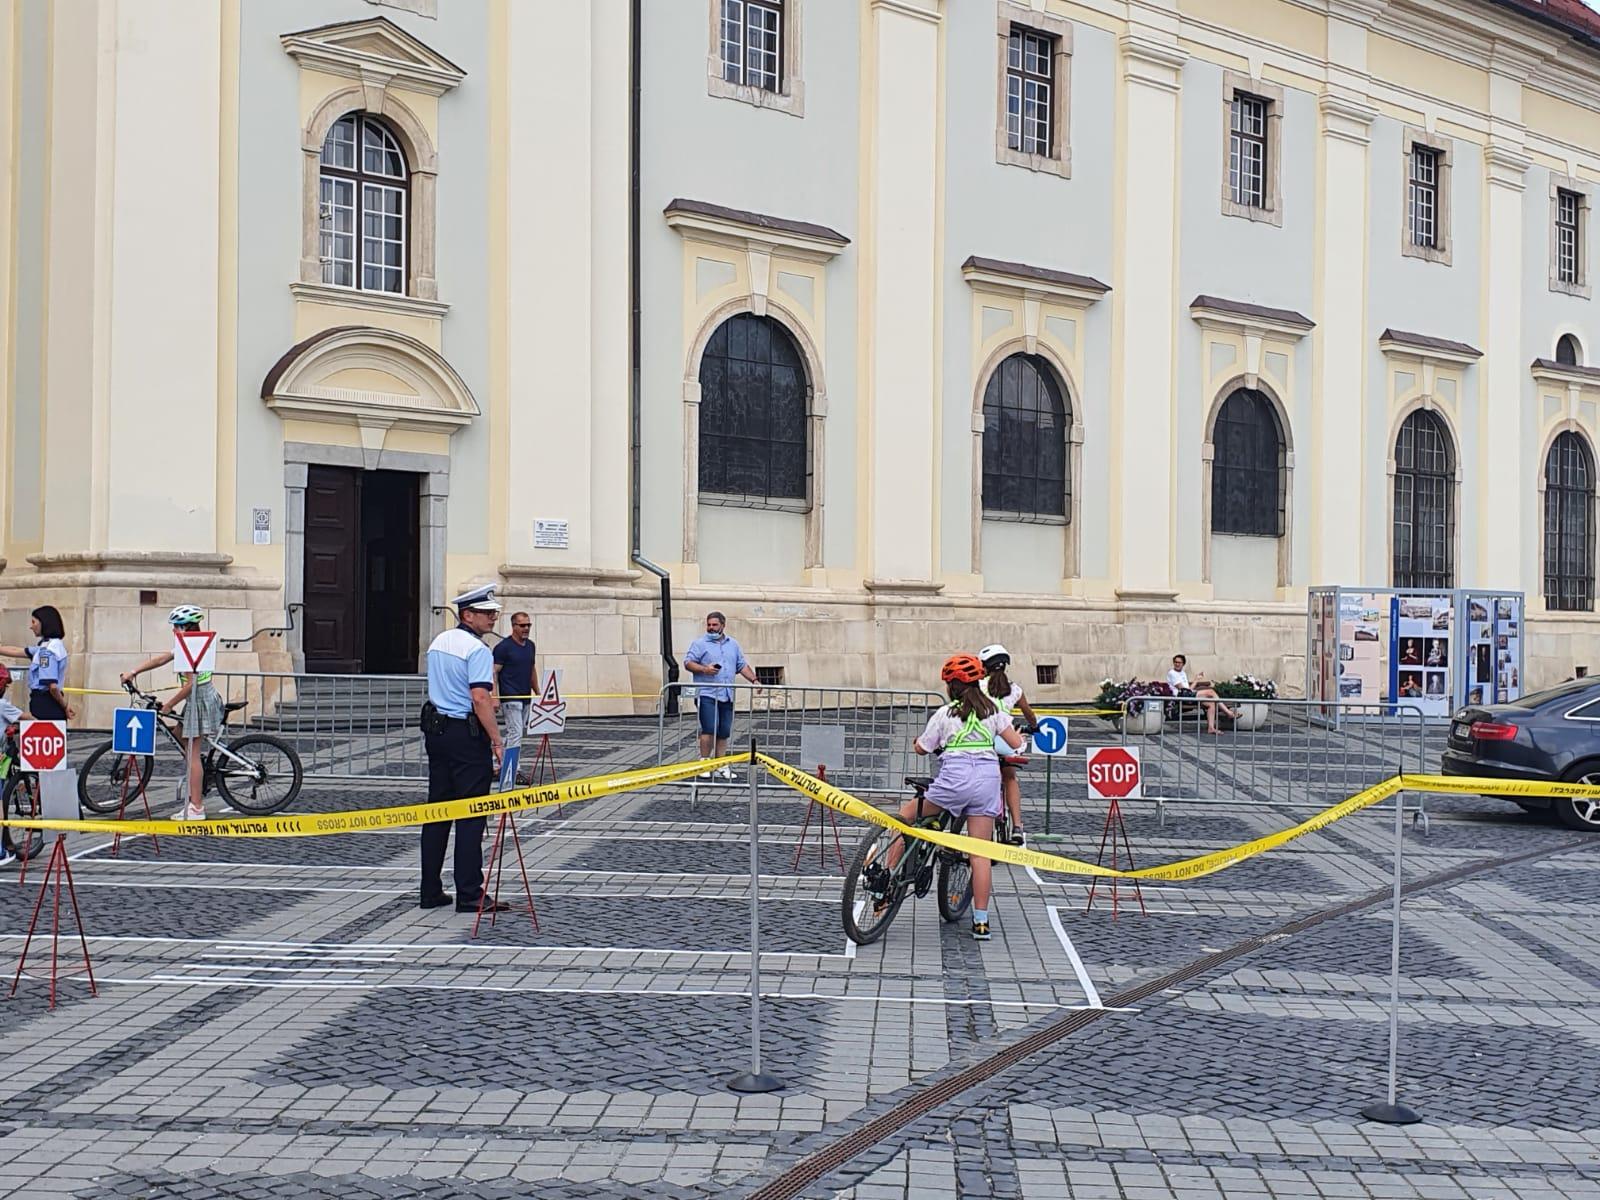 Bikeschool - Primul examen de conducere care se desfășoară în Piața Mare și se încheie cu o înghețată